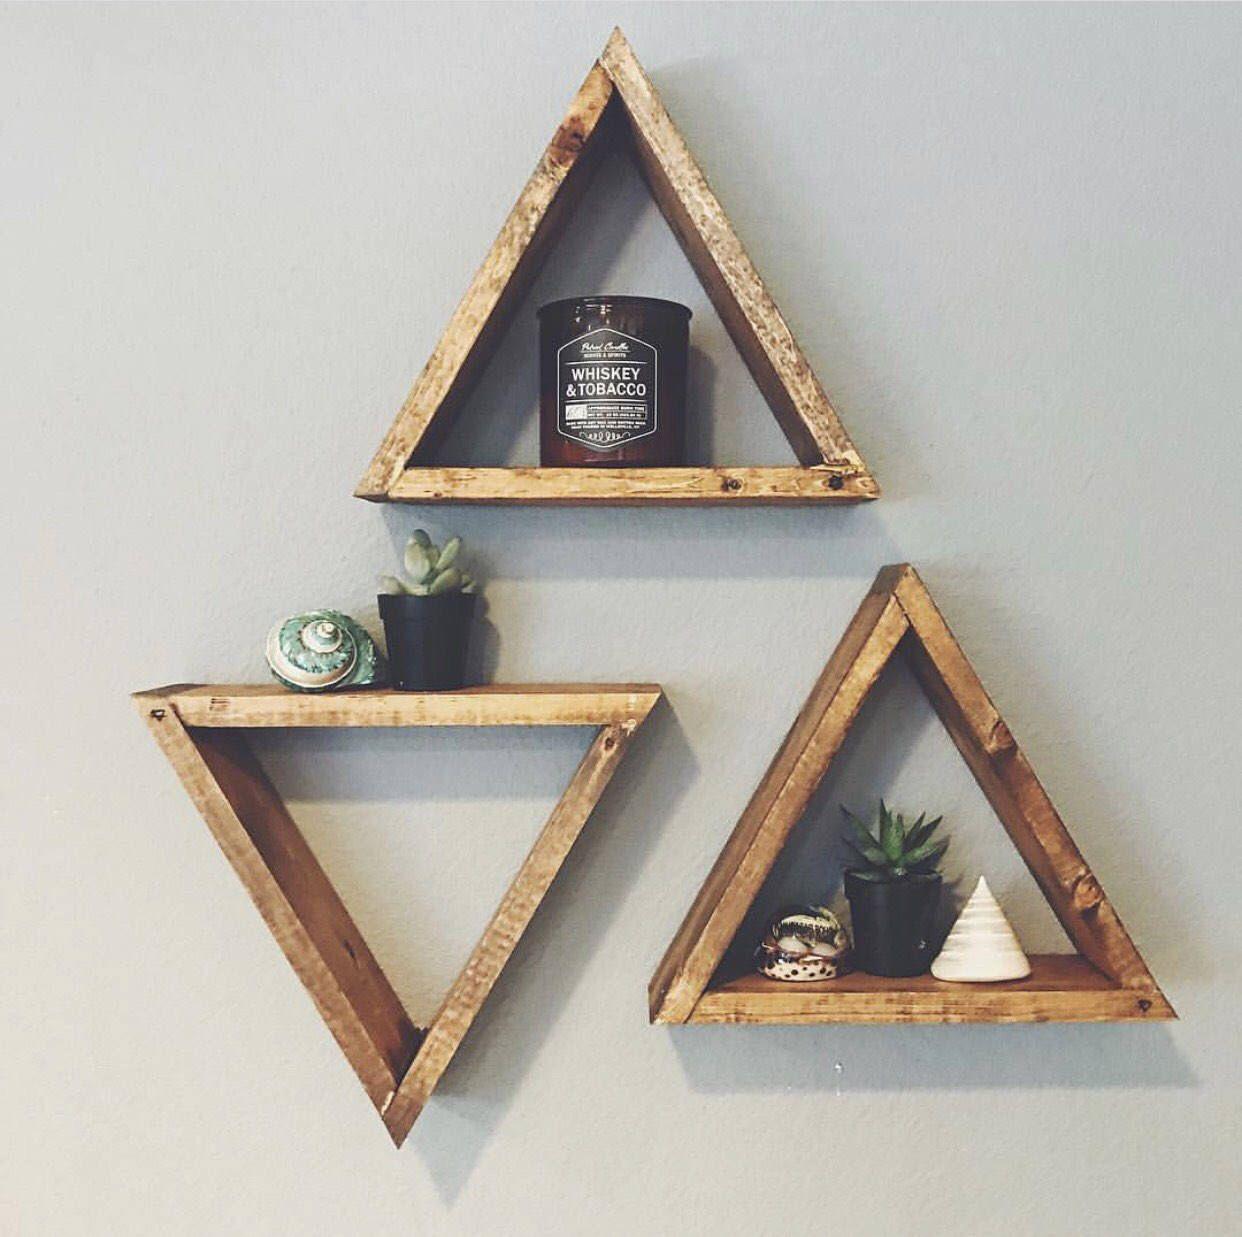 Single wood triangle shelf geometric wall shelf boho decor rustic wall decor